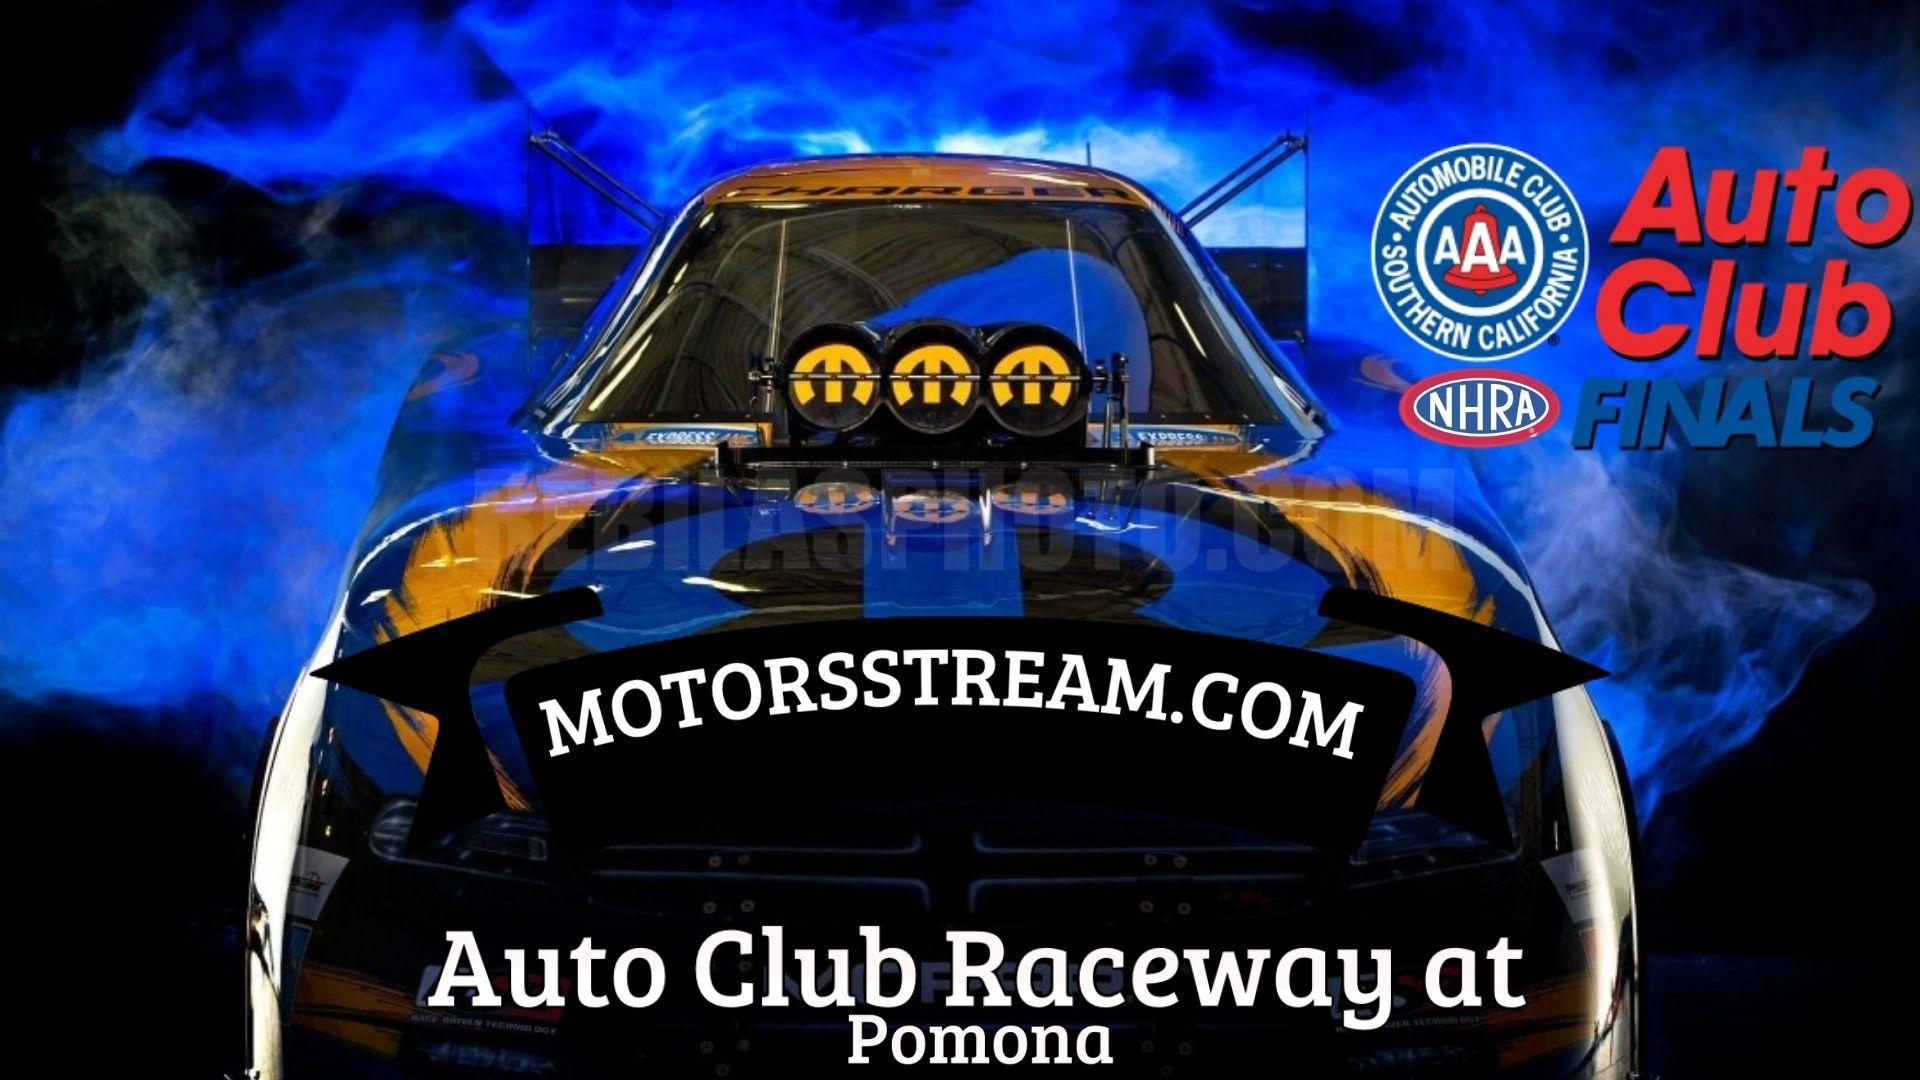 Auto Club NHRA Finals 2021 Live Stream